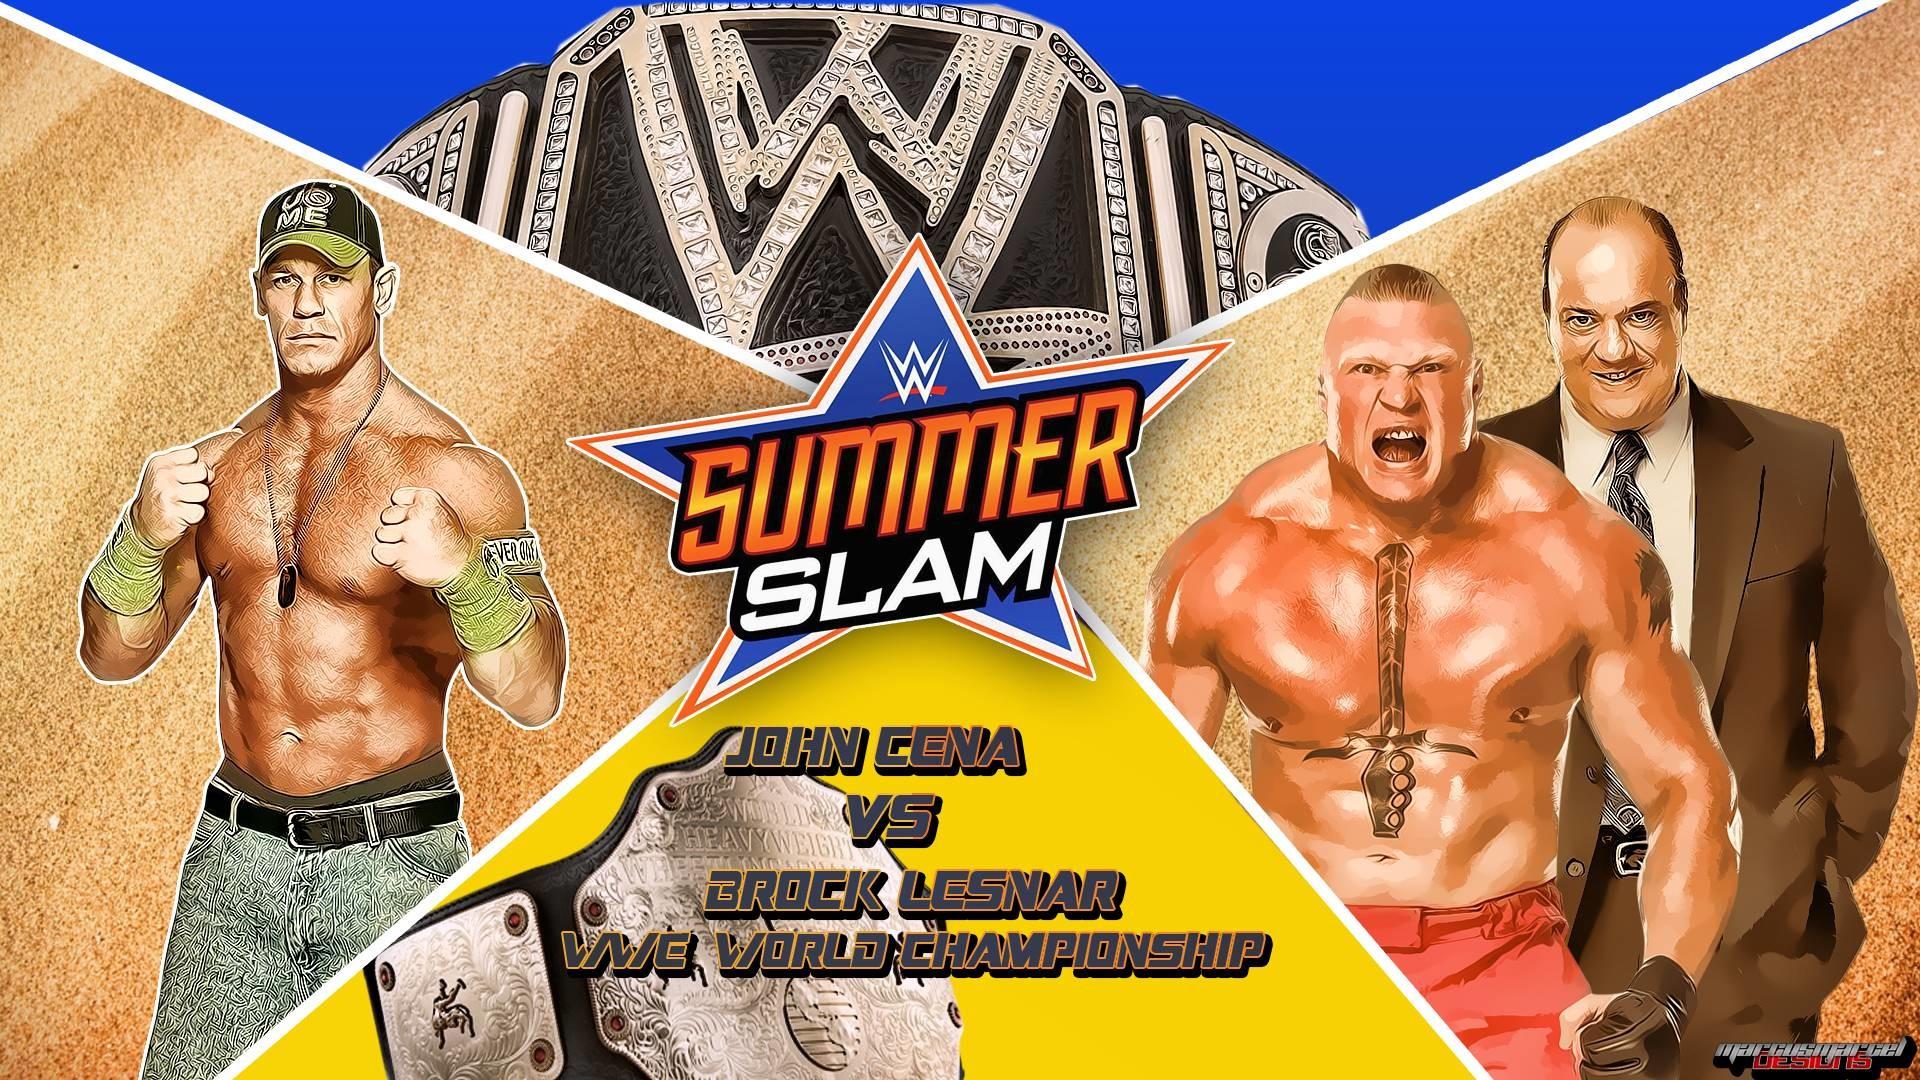 WWE Summerslam 2015 John Cena Vs Brock Lesnar Wallpapers .